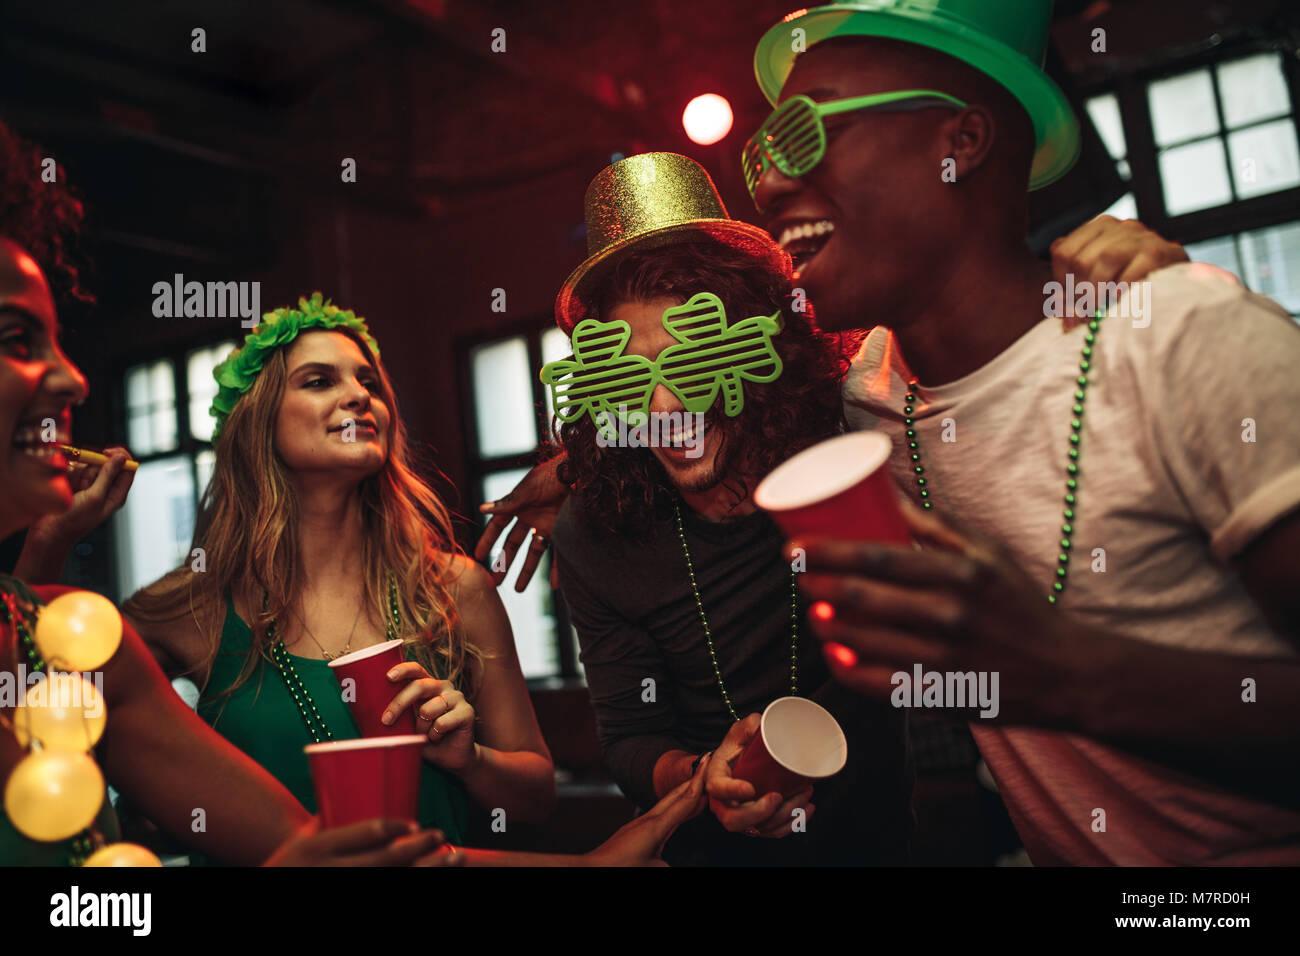 Groupe de jeunes hommes et de la femme pour célébrer la Saint-Patrick. Les amis de s'amuser au bar Photo Stock